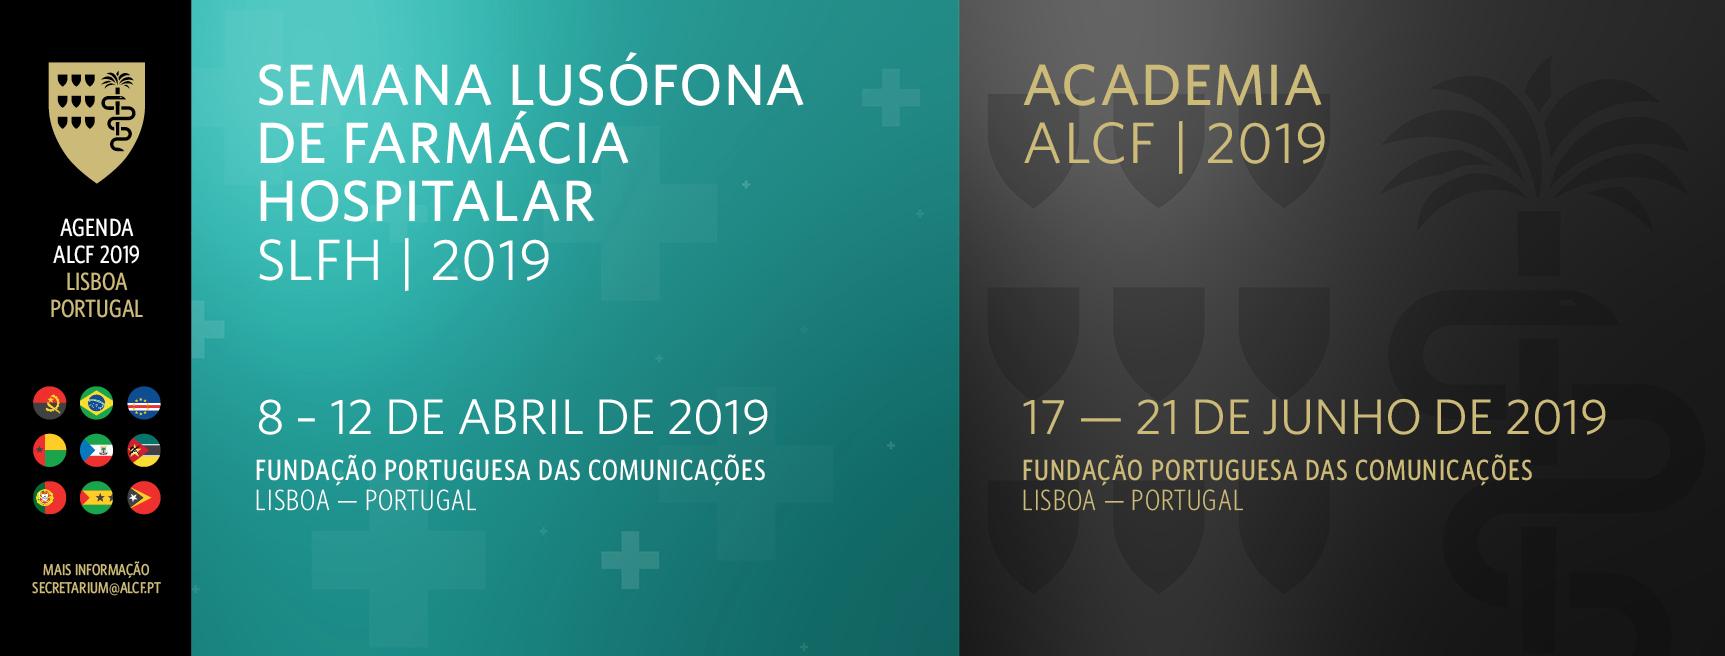 Semana Lusófona de Farmácia Hospitalar 2019 e Academia ALCF 2019